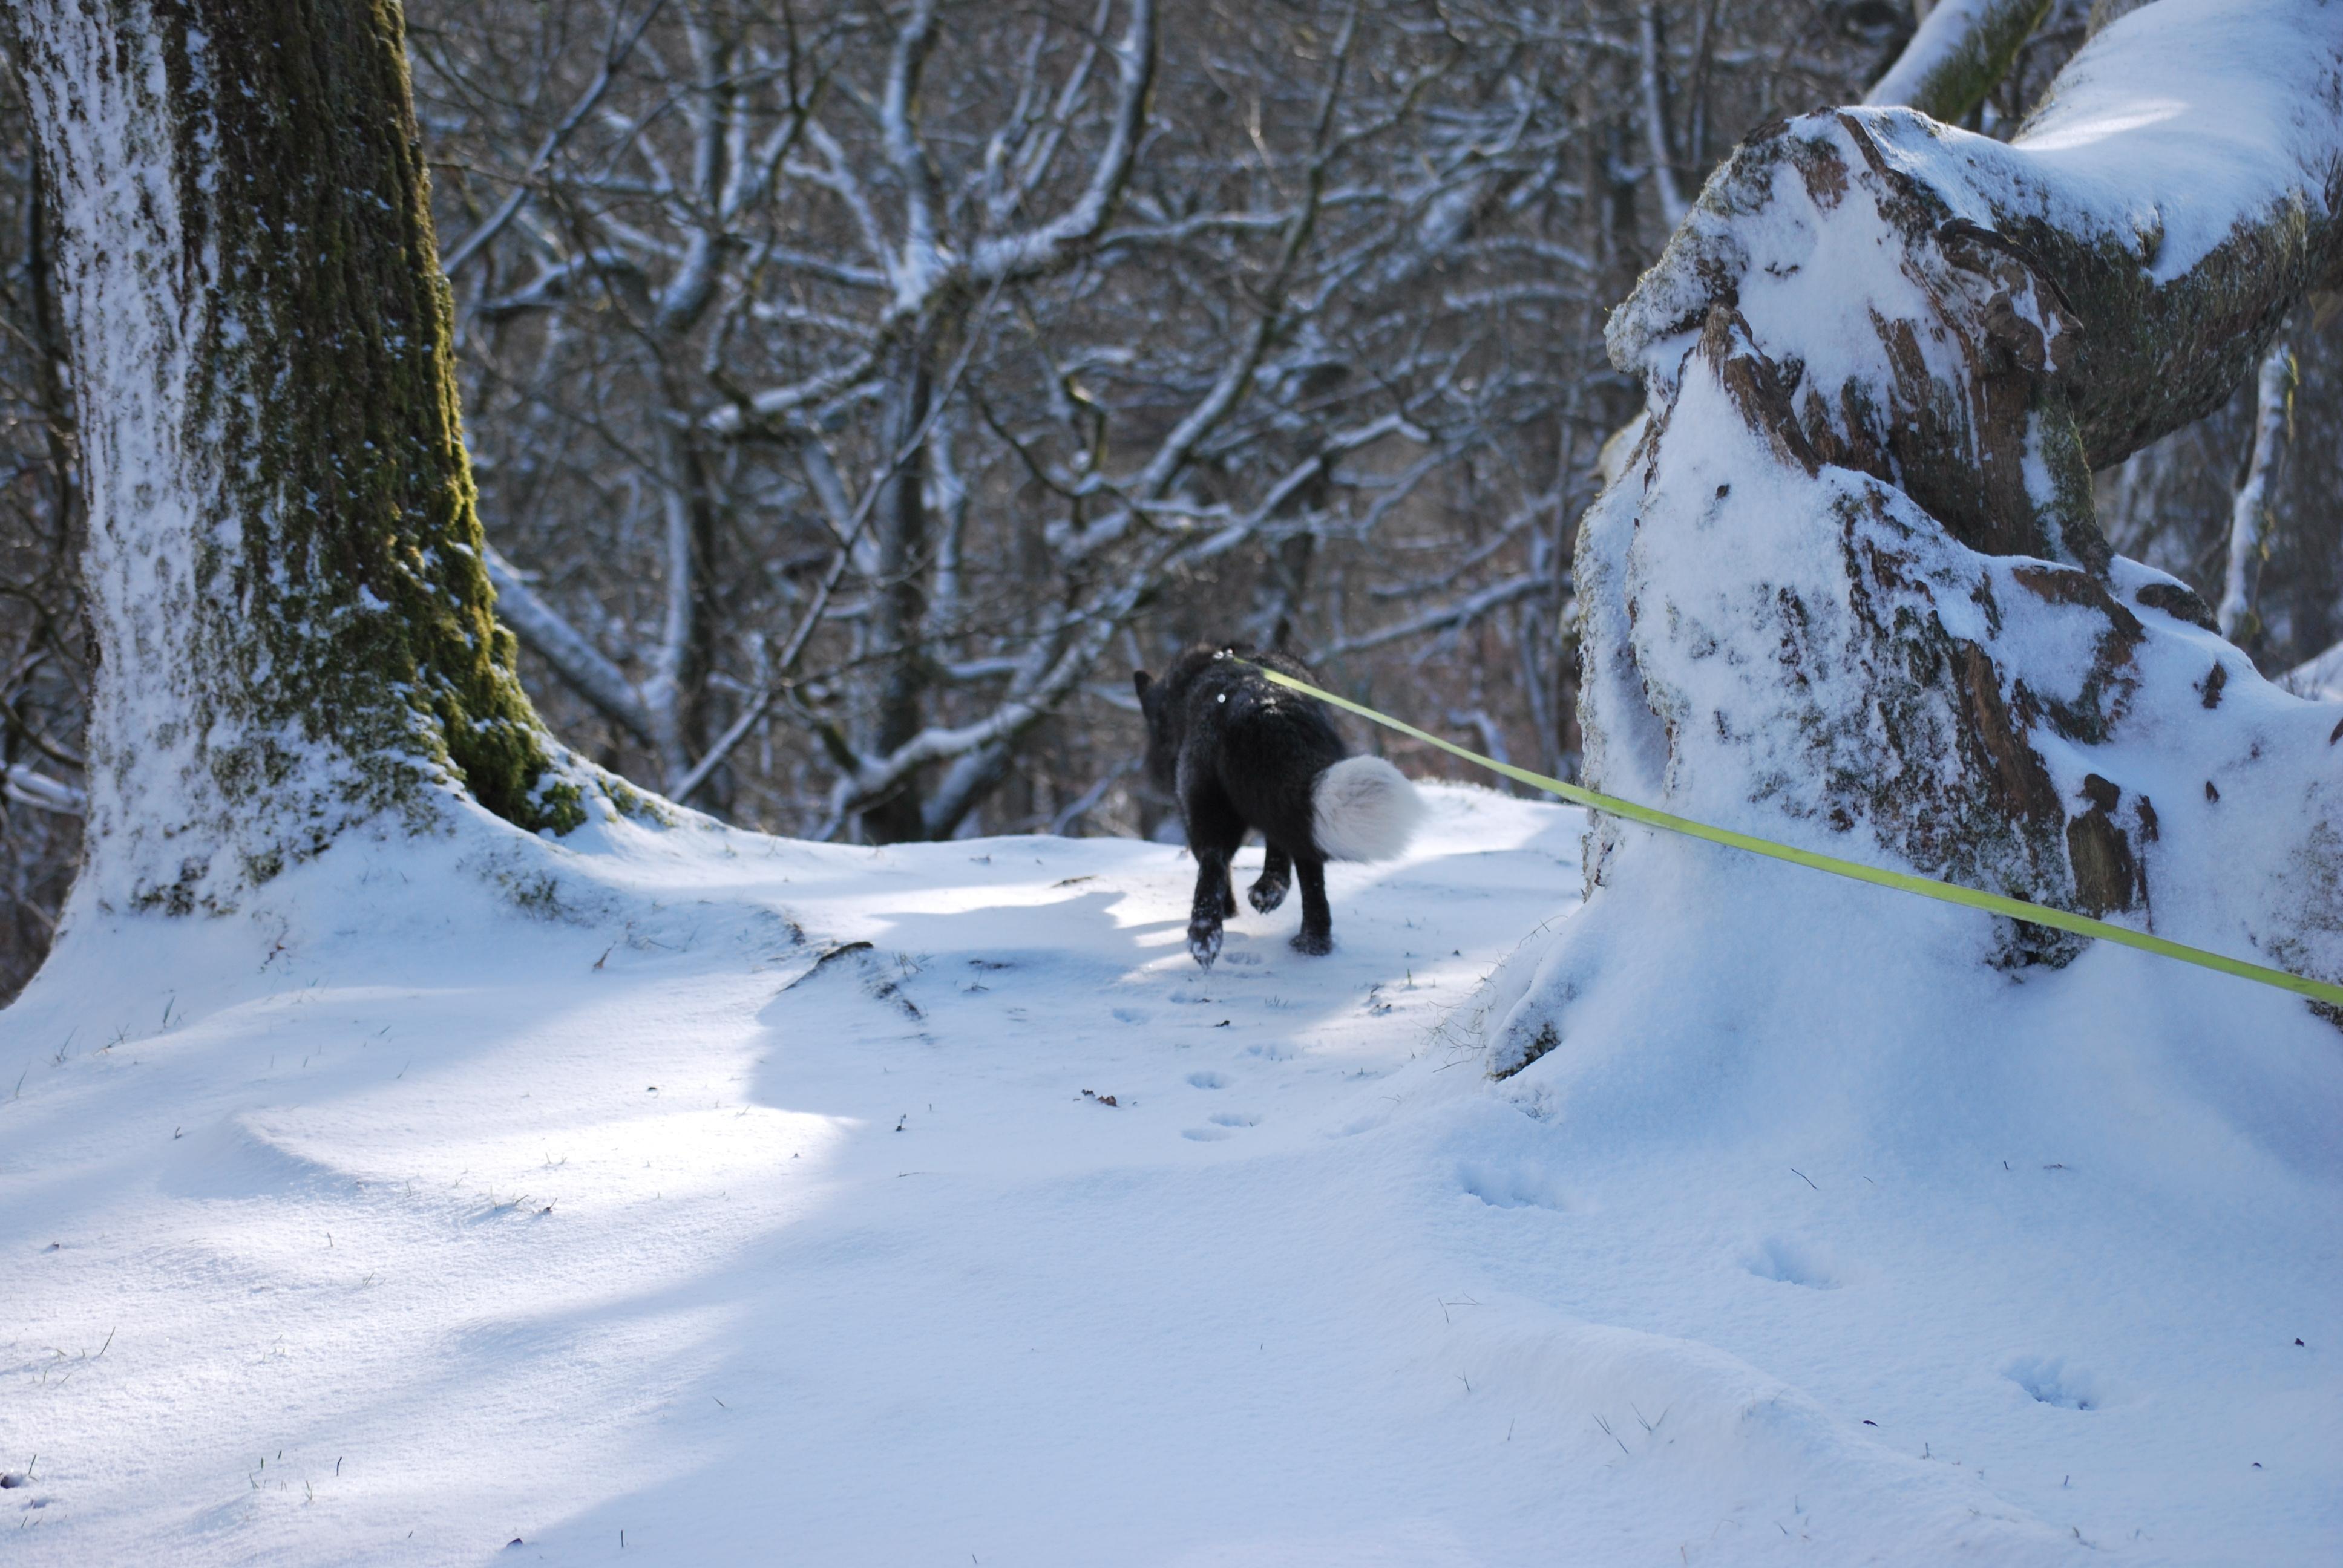 More winter walks for Vincy